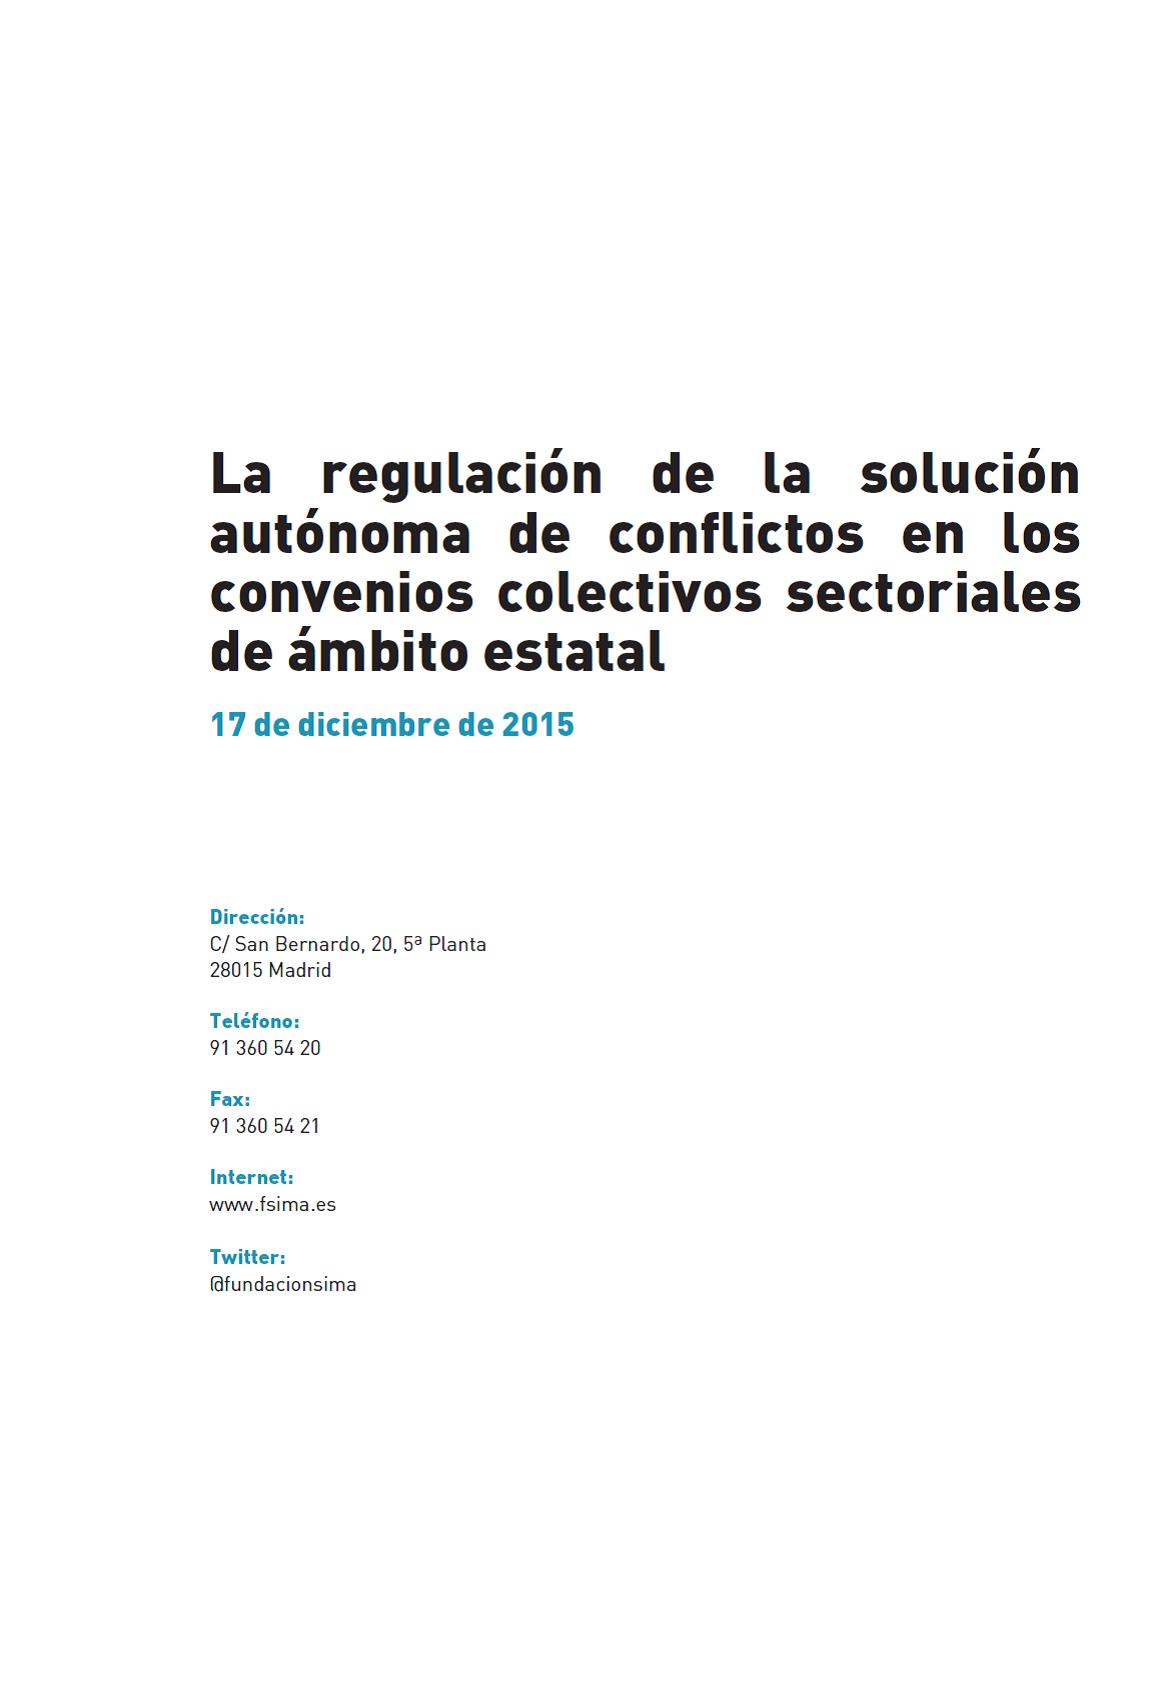 La regulación de la solución autónoma de conflictos en los convenios sectoriales estatales